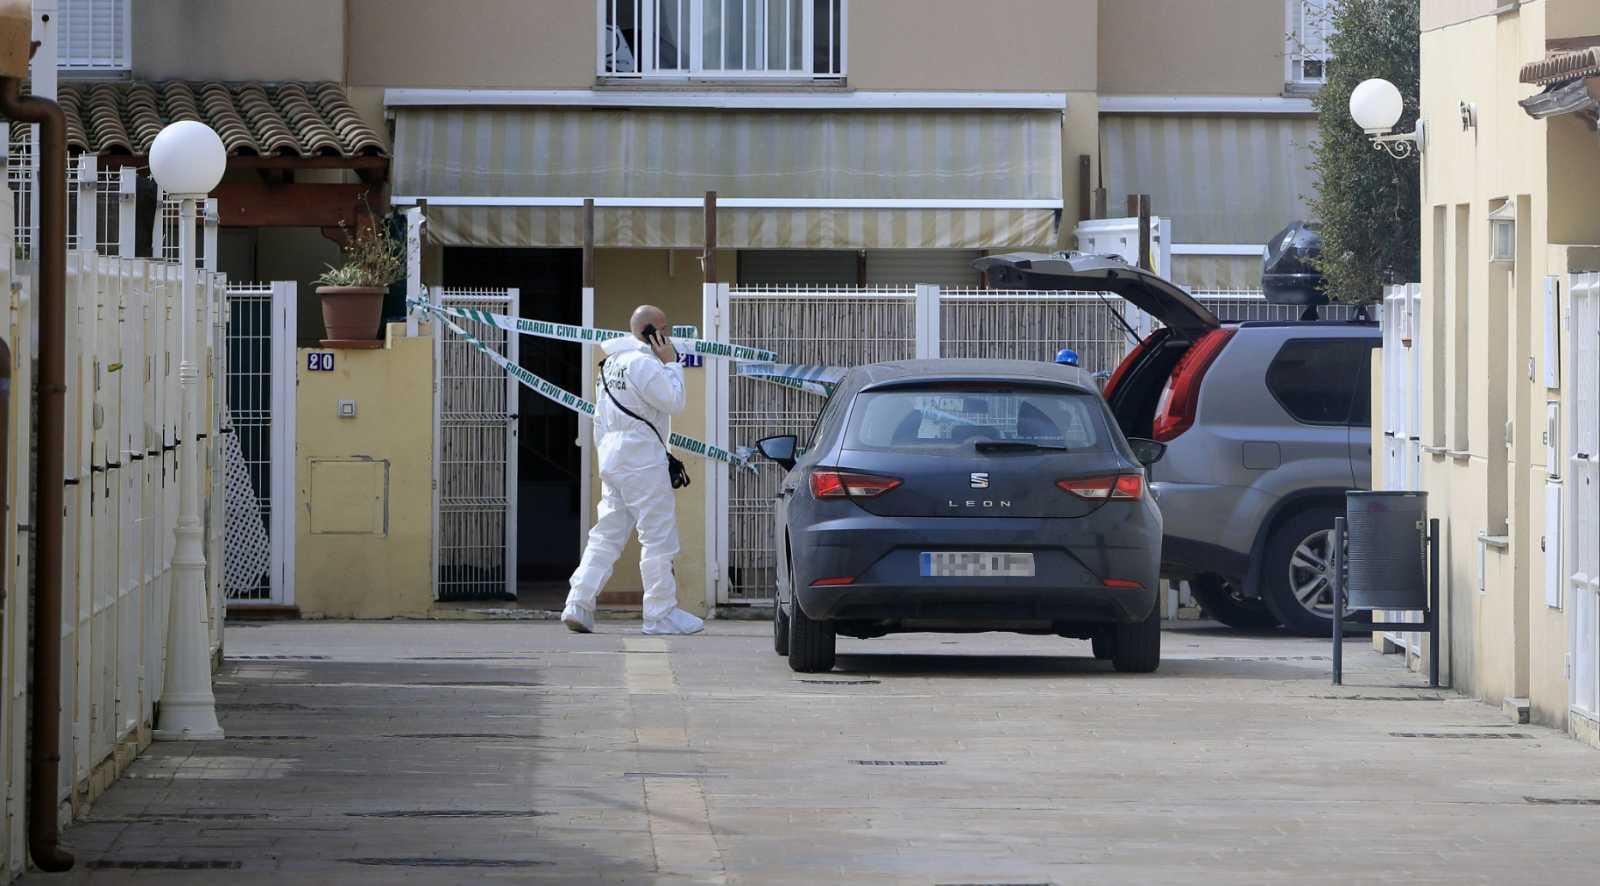 Vídeo | Una mujer asesinada en Castellón en un presunto caso de violencia machista